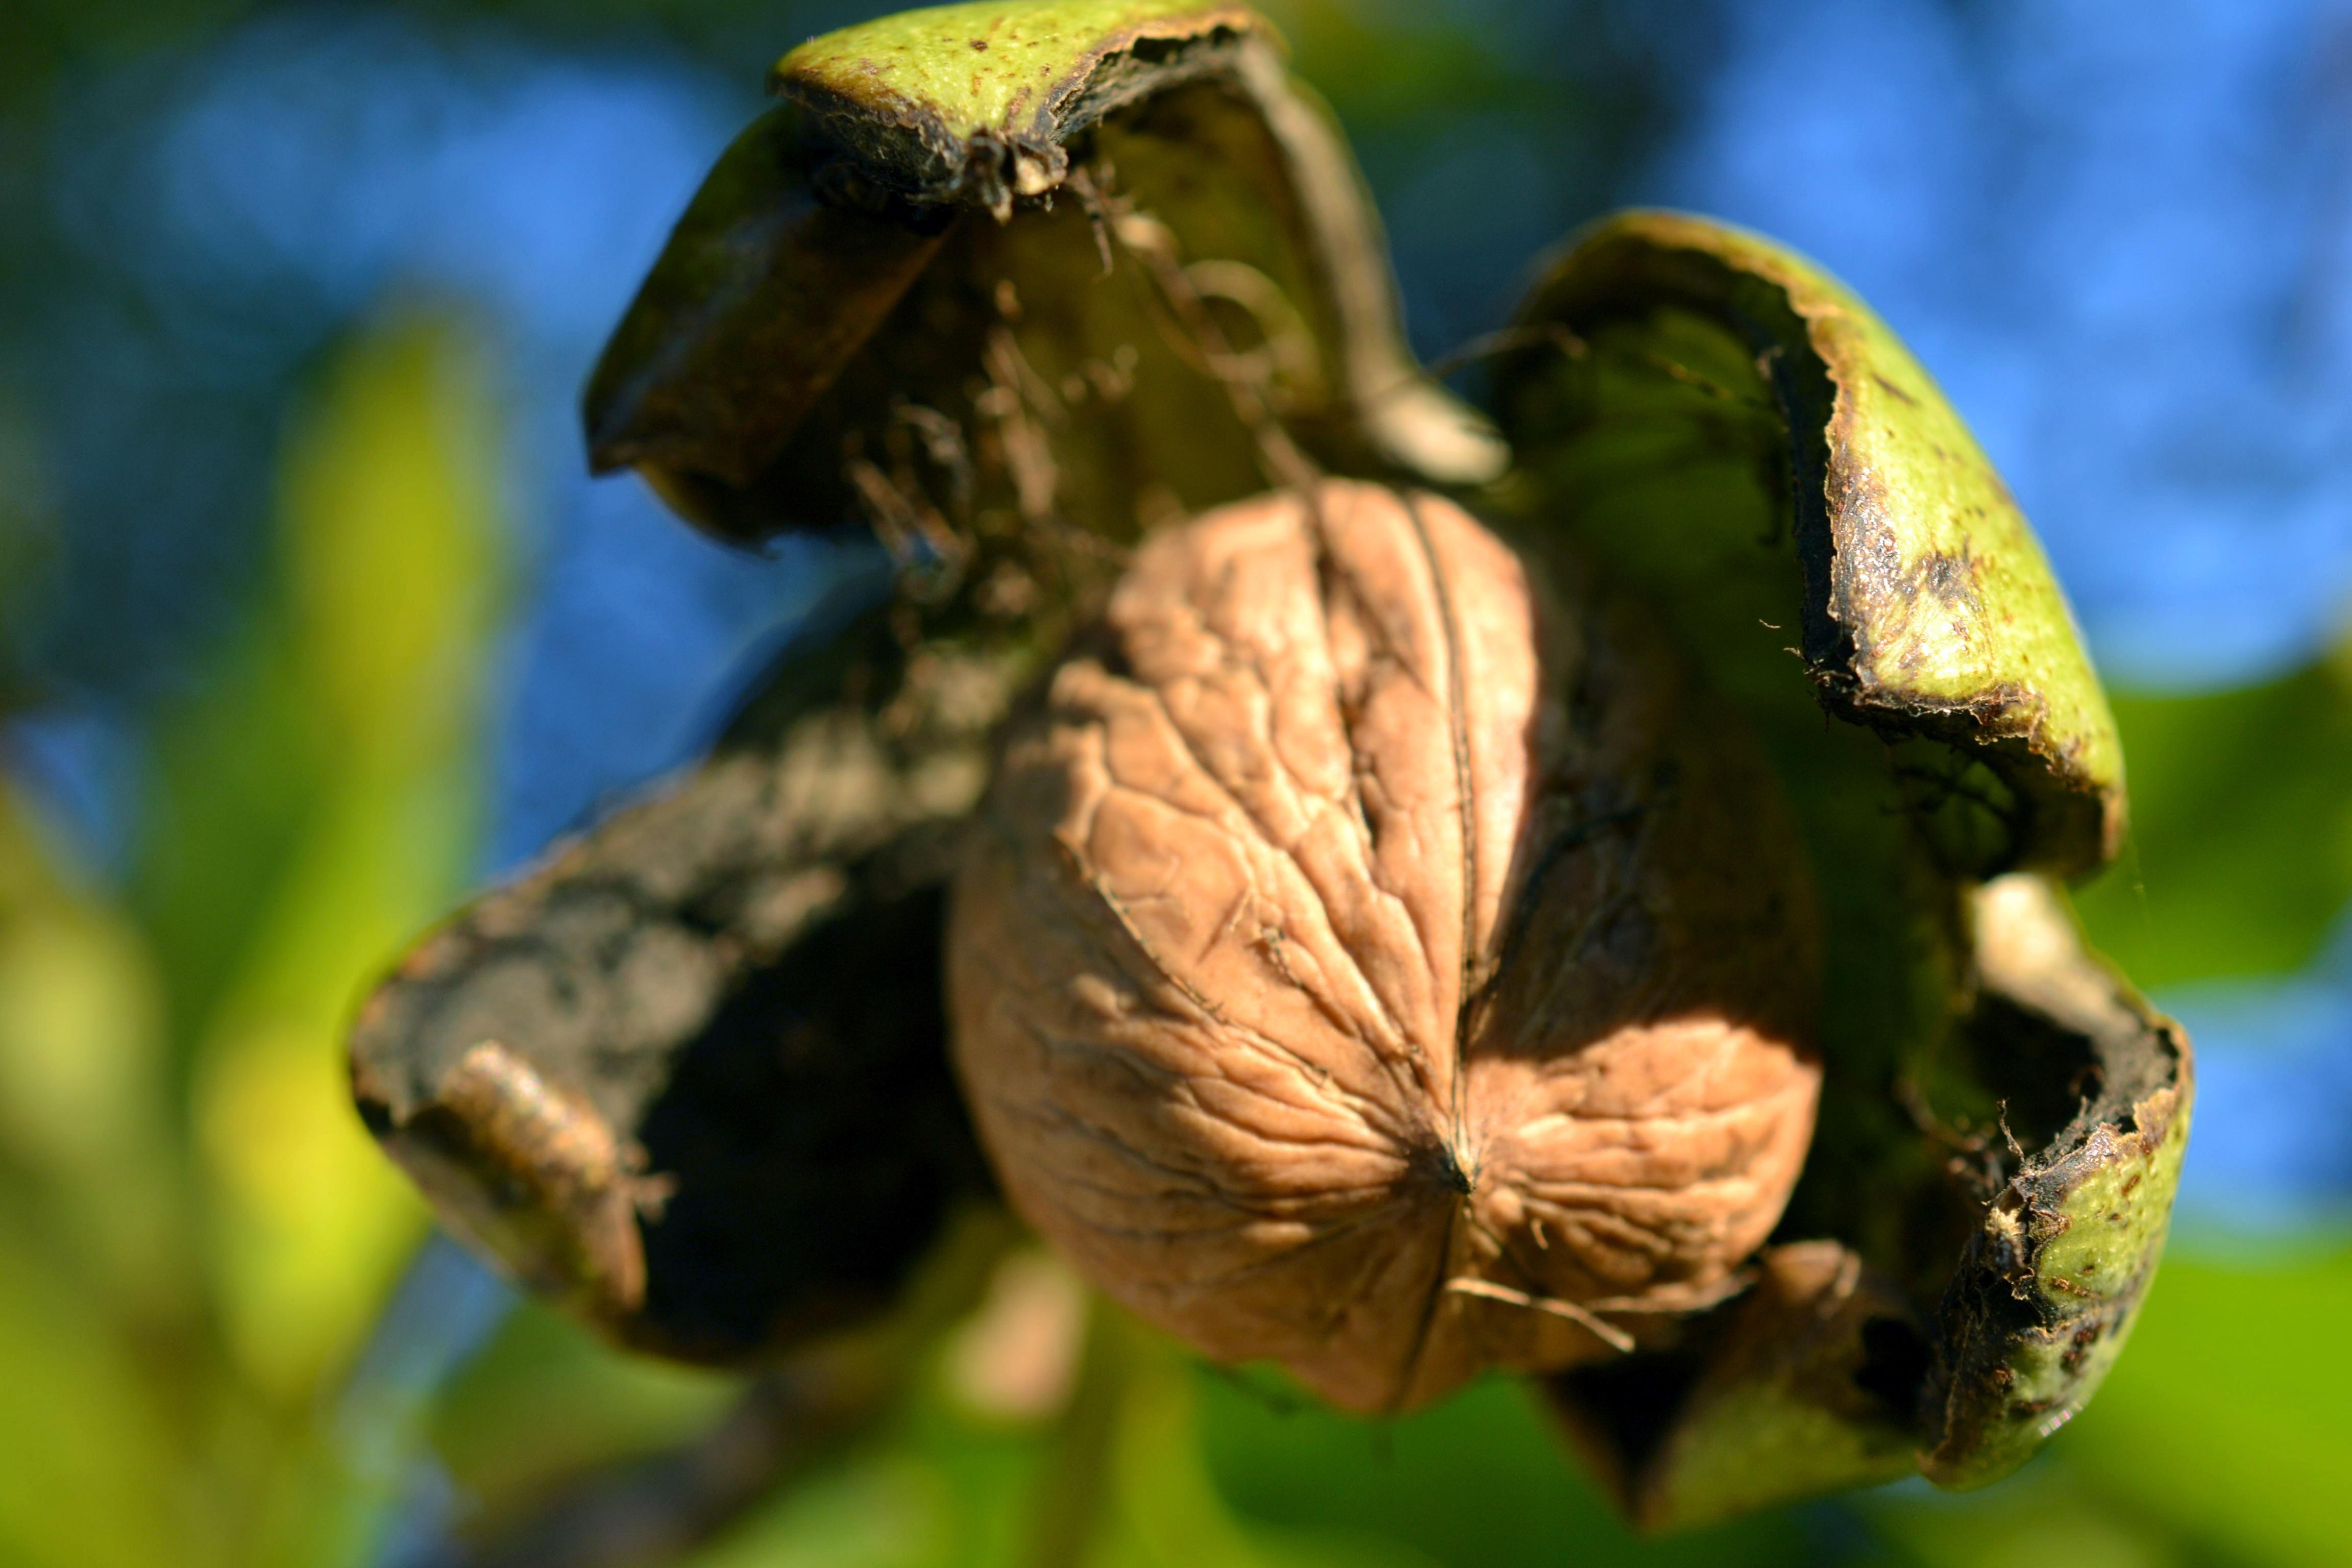 охотничьих орех листья картинки оставить волосы